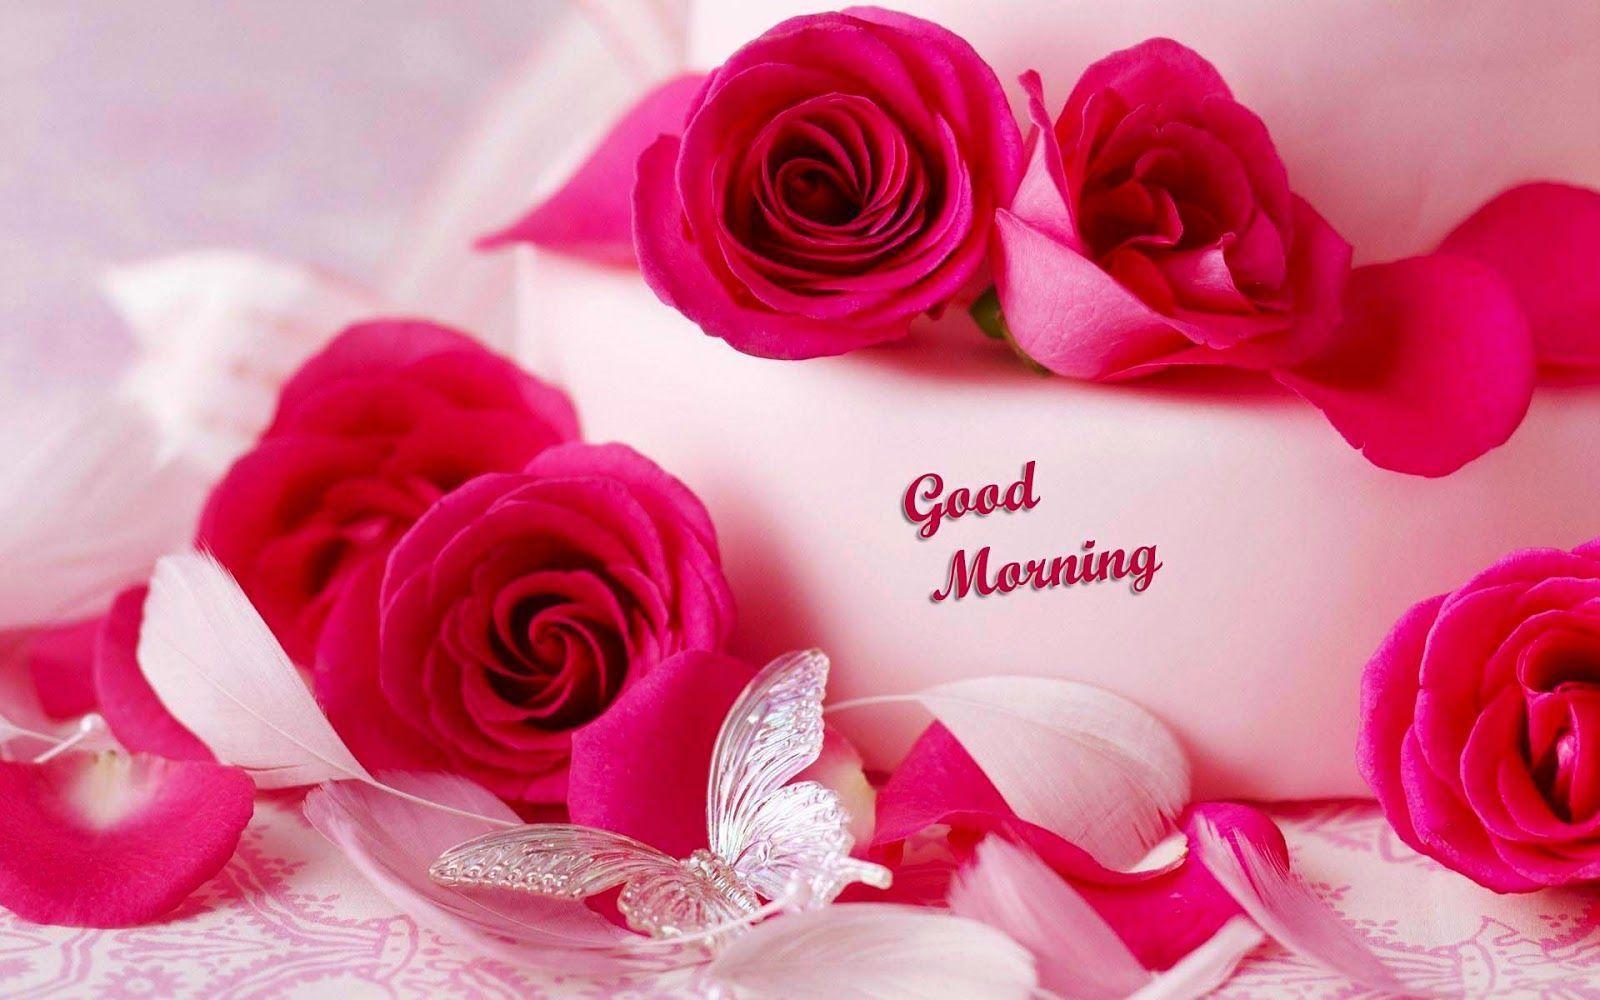 1600x1000 Chào buổi sáng của hoa.  Hình nền hoa đẹp HD, Hình ảnh hoa đẹp, Hình nền hoa đẹp